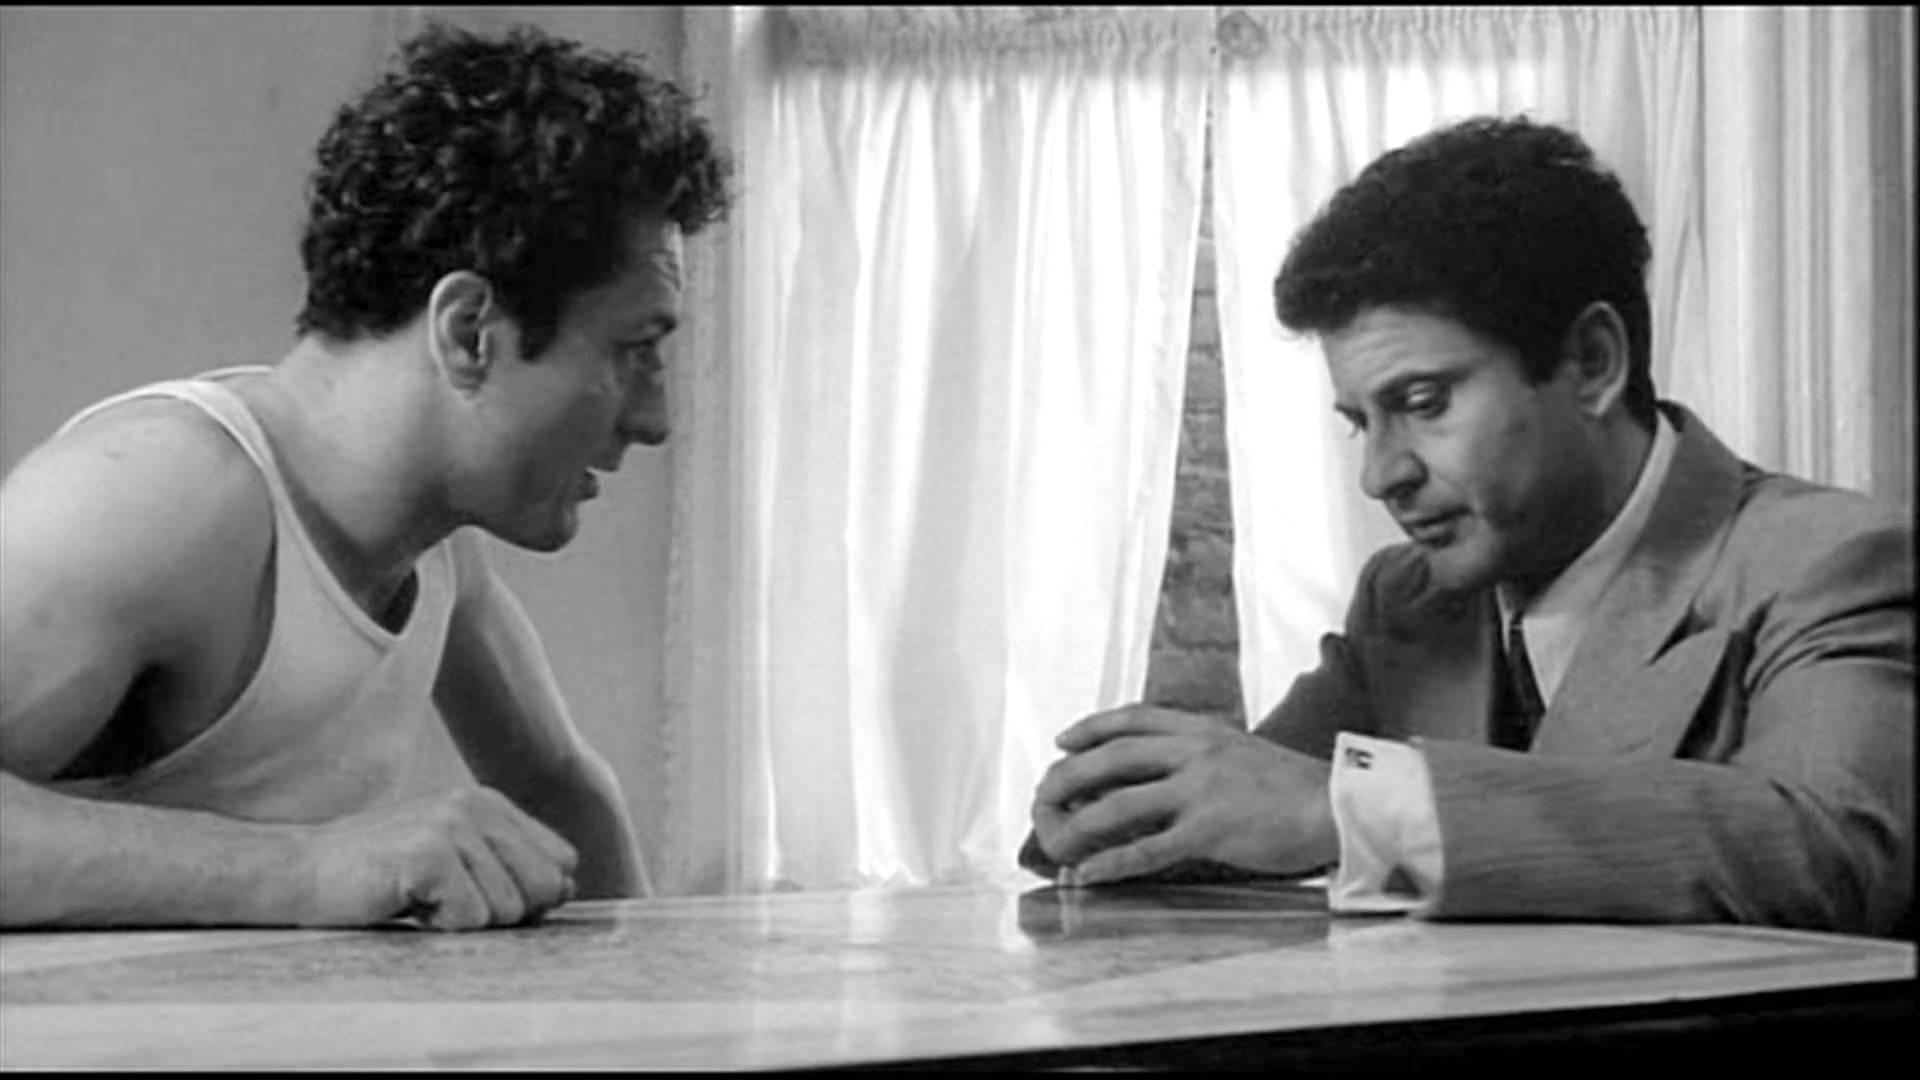 """Kadr z filmu """" Wściekły Byk"""". Widać Roberta de Niro, który prosi swojego brata, w tę role wcielił się Joe Pesi, by ten uderzył go w twaz. Robert De Niro siedzi w koszulce na ramiączka, a Joe Pesci w marynarce, koszuli i w krawacie trzyma ręce na stole sluchajac uwaznie brata."""